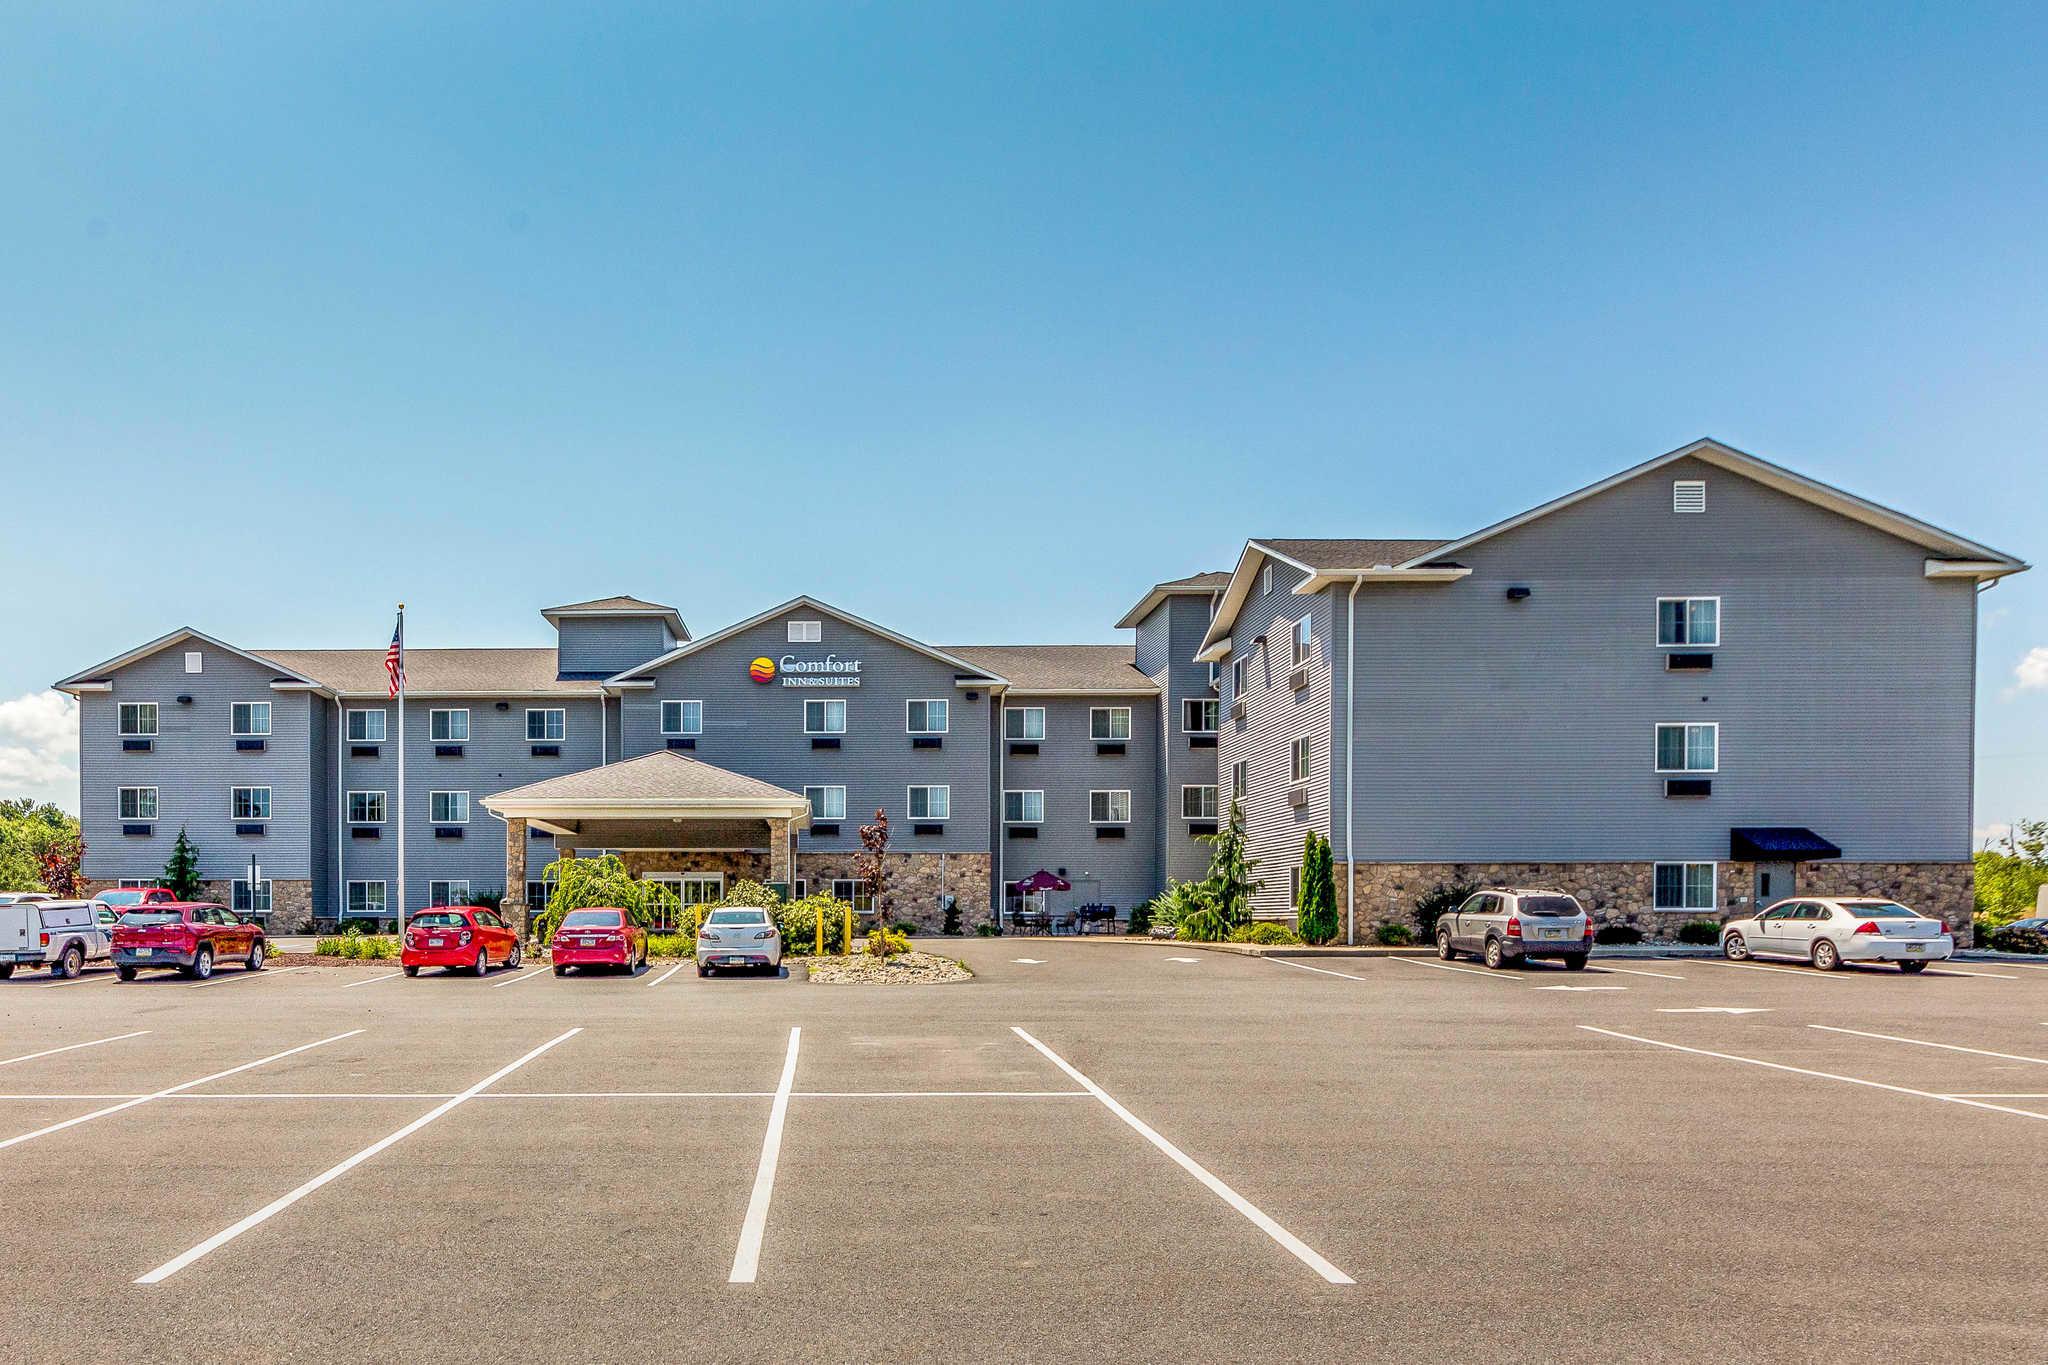 Comfort Inn & Suites Barnesville - Frackville image 1